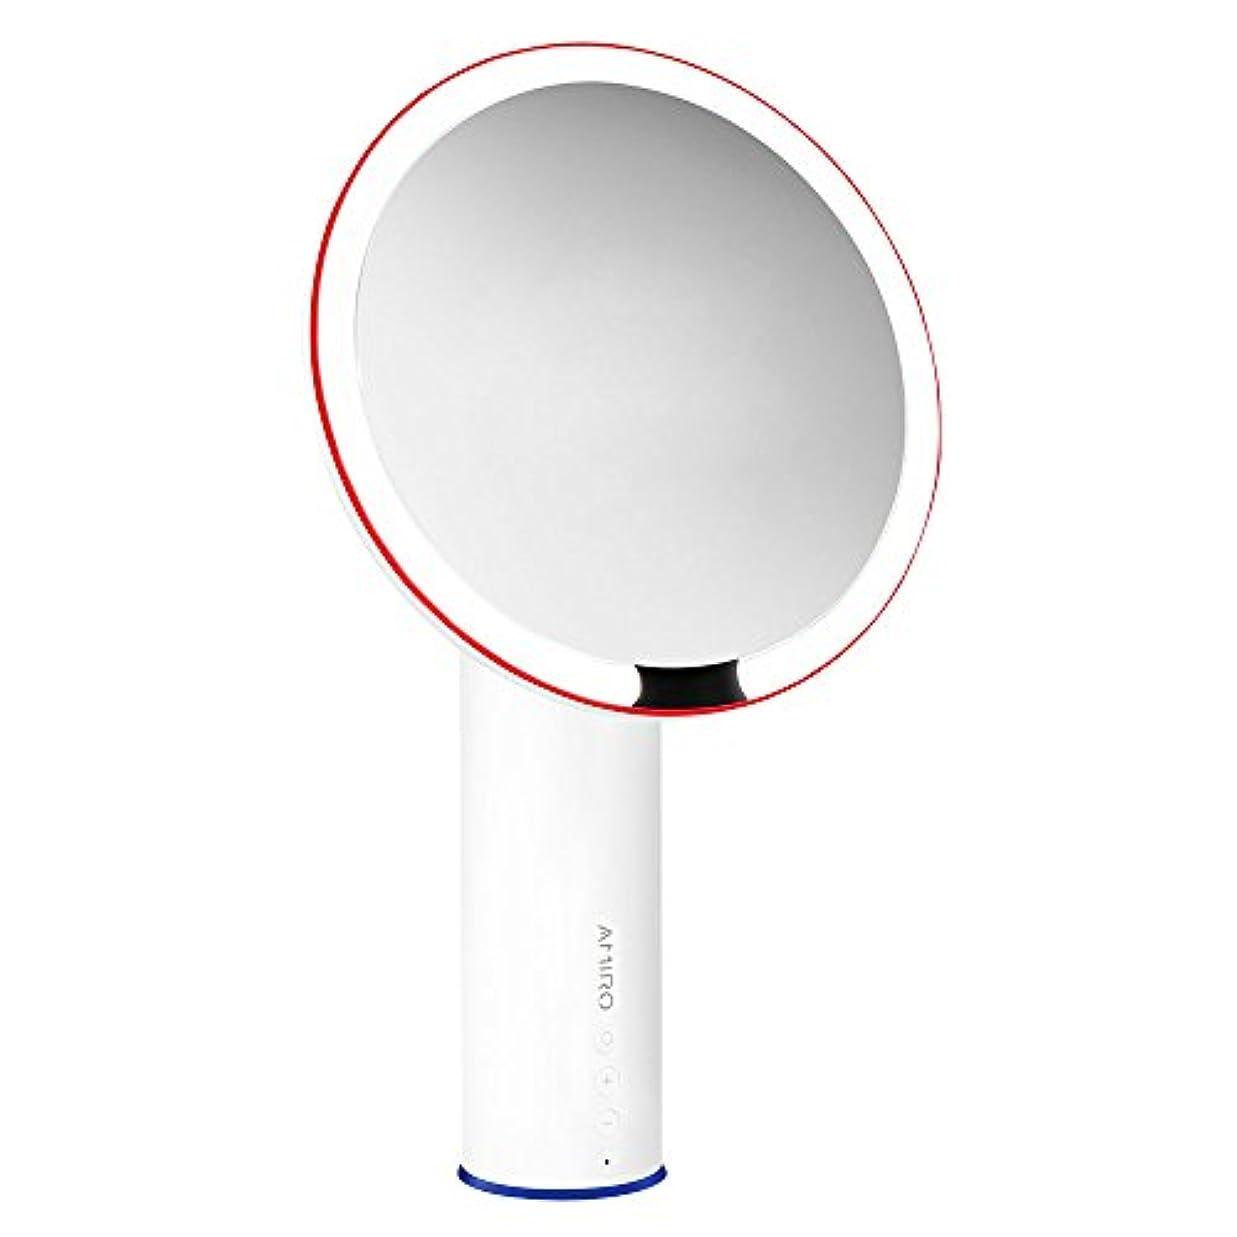 セーター車両実験室AMIRO LED化粧鏡 人感センサー付き 化粧ミラー LEDライト付き 卓上鏡 女優ミラー 3段階明るさ調節可能